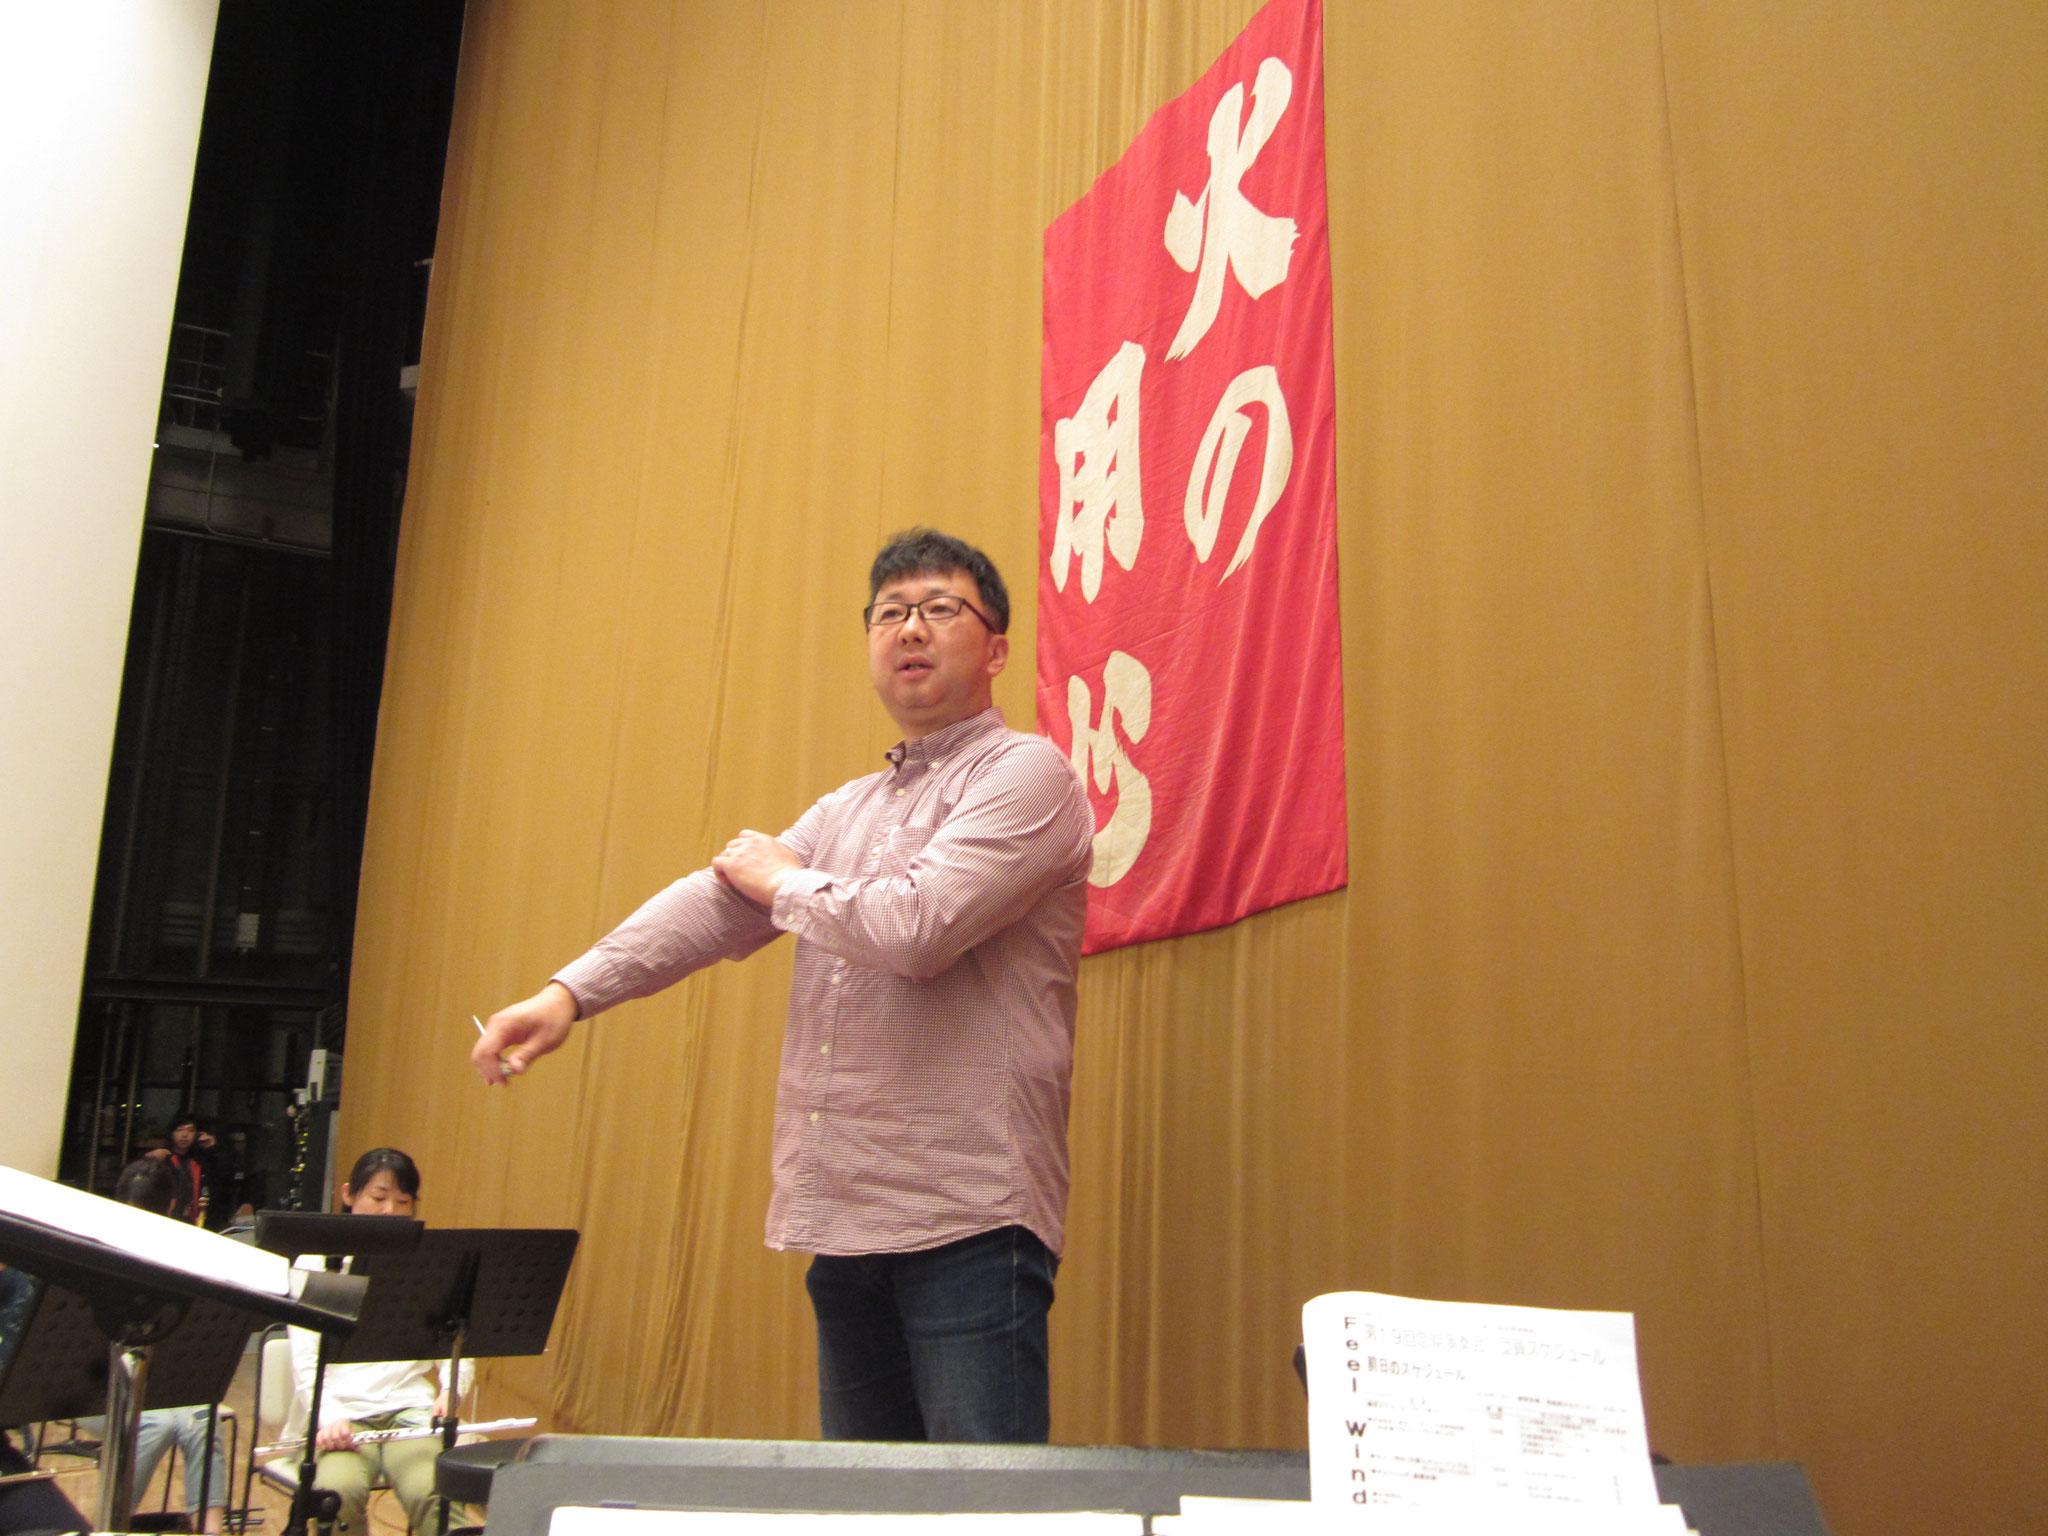 今回Ⅱ部の指揮者を務めるのはS戸T也氏。実はフィールの創設者(初代団長)でもあります。